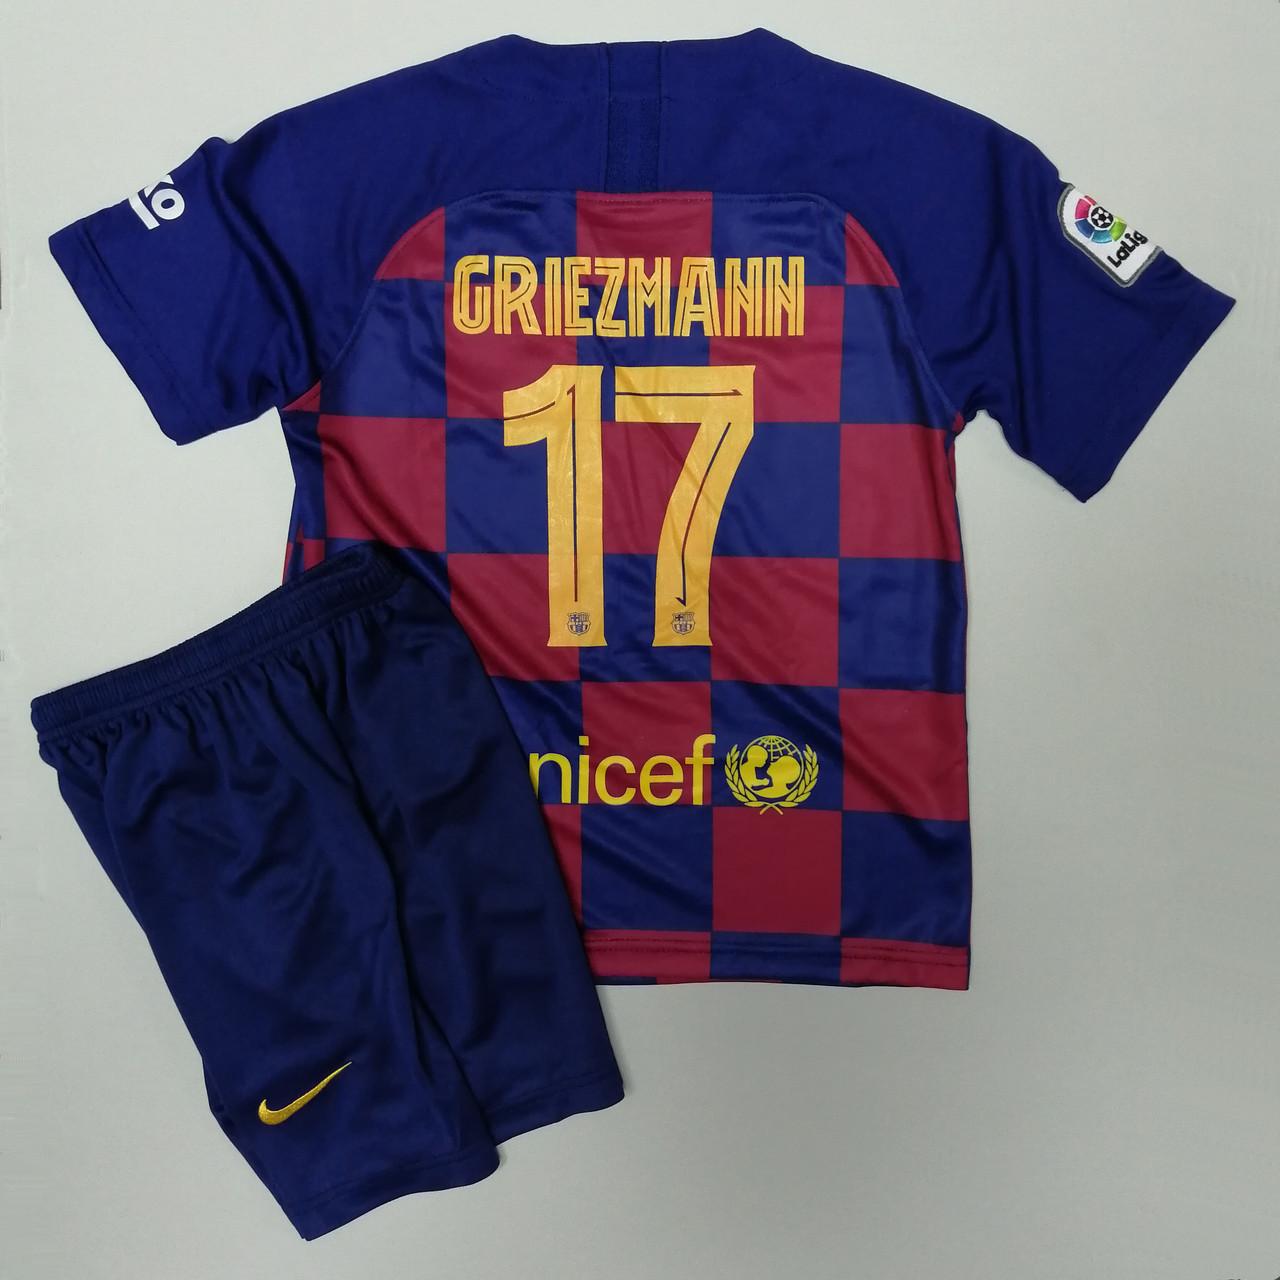 Футбольна форма детскаая Барселона Гризман 2019-2020 домашня синьо-бордова